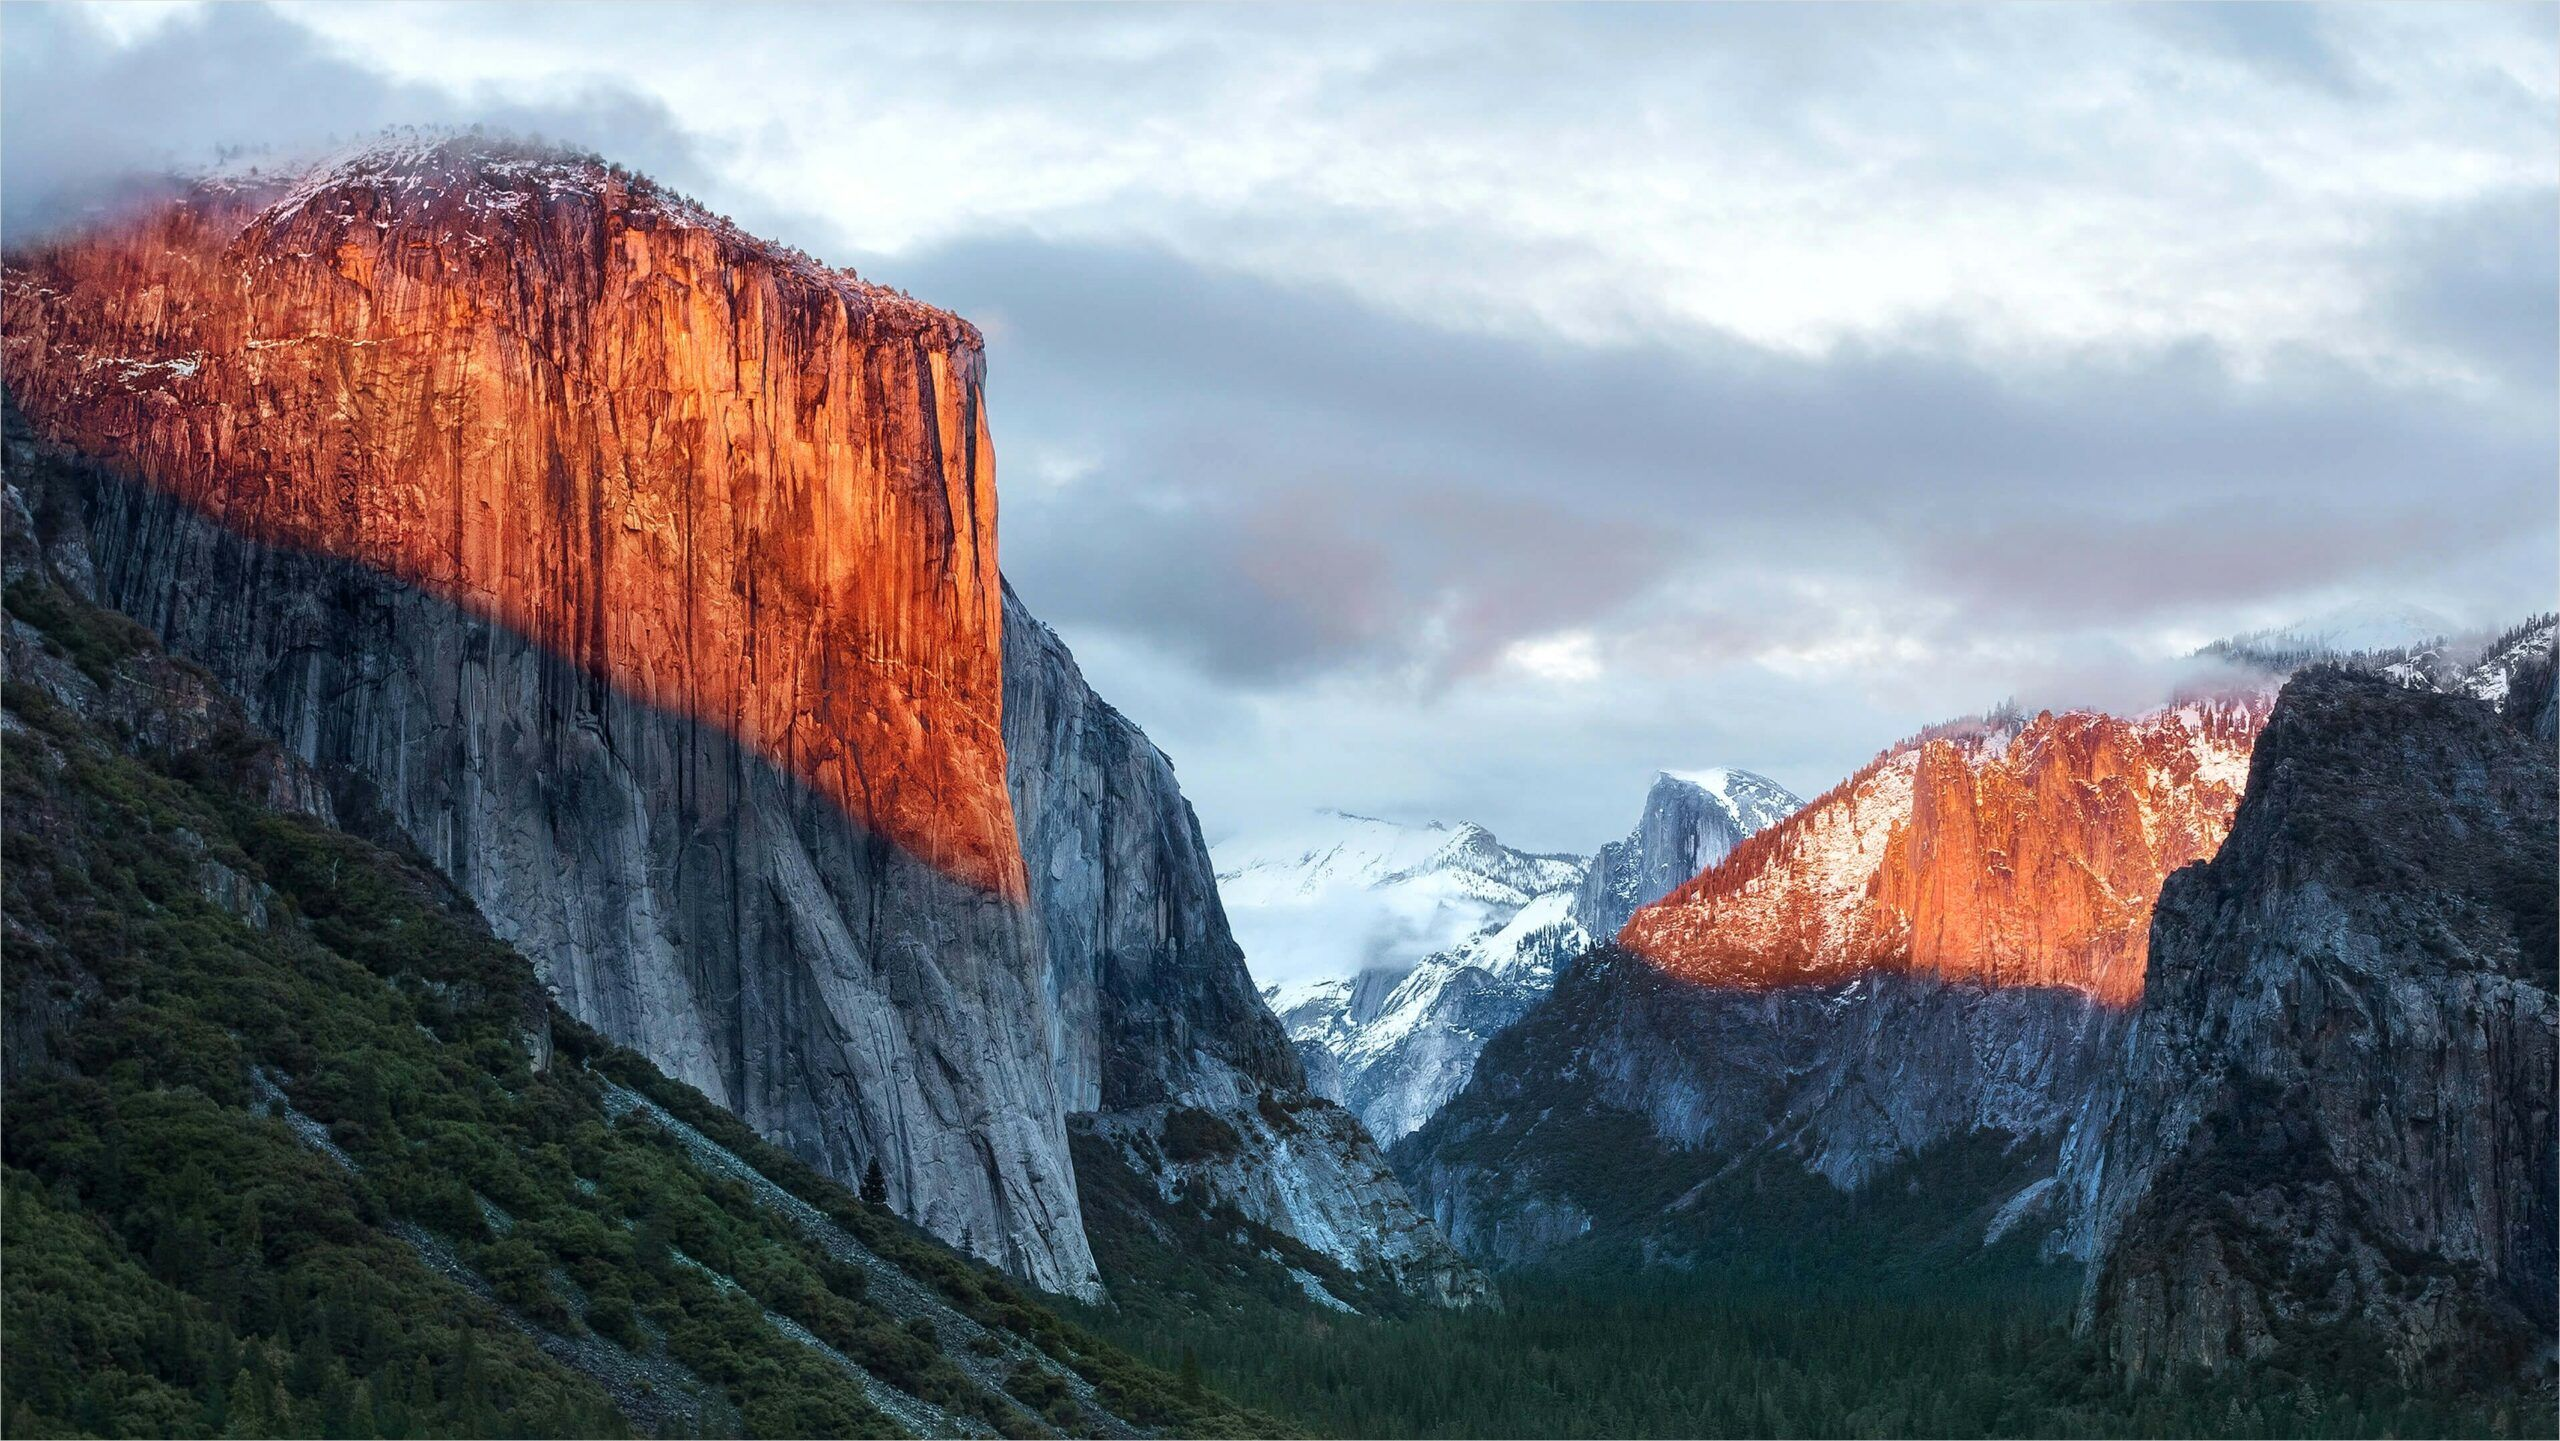 Apple Mac Wallpapers 4k In 2020 Yosemite Wallpaper Osx Yosemite Mac Wallpaper